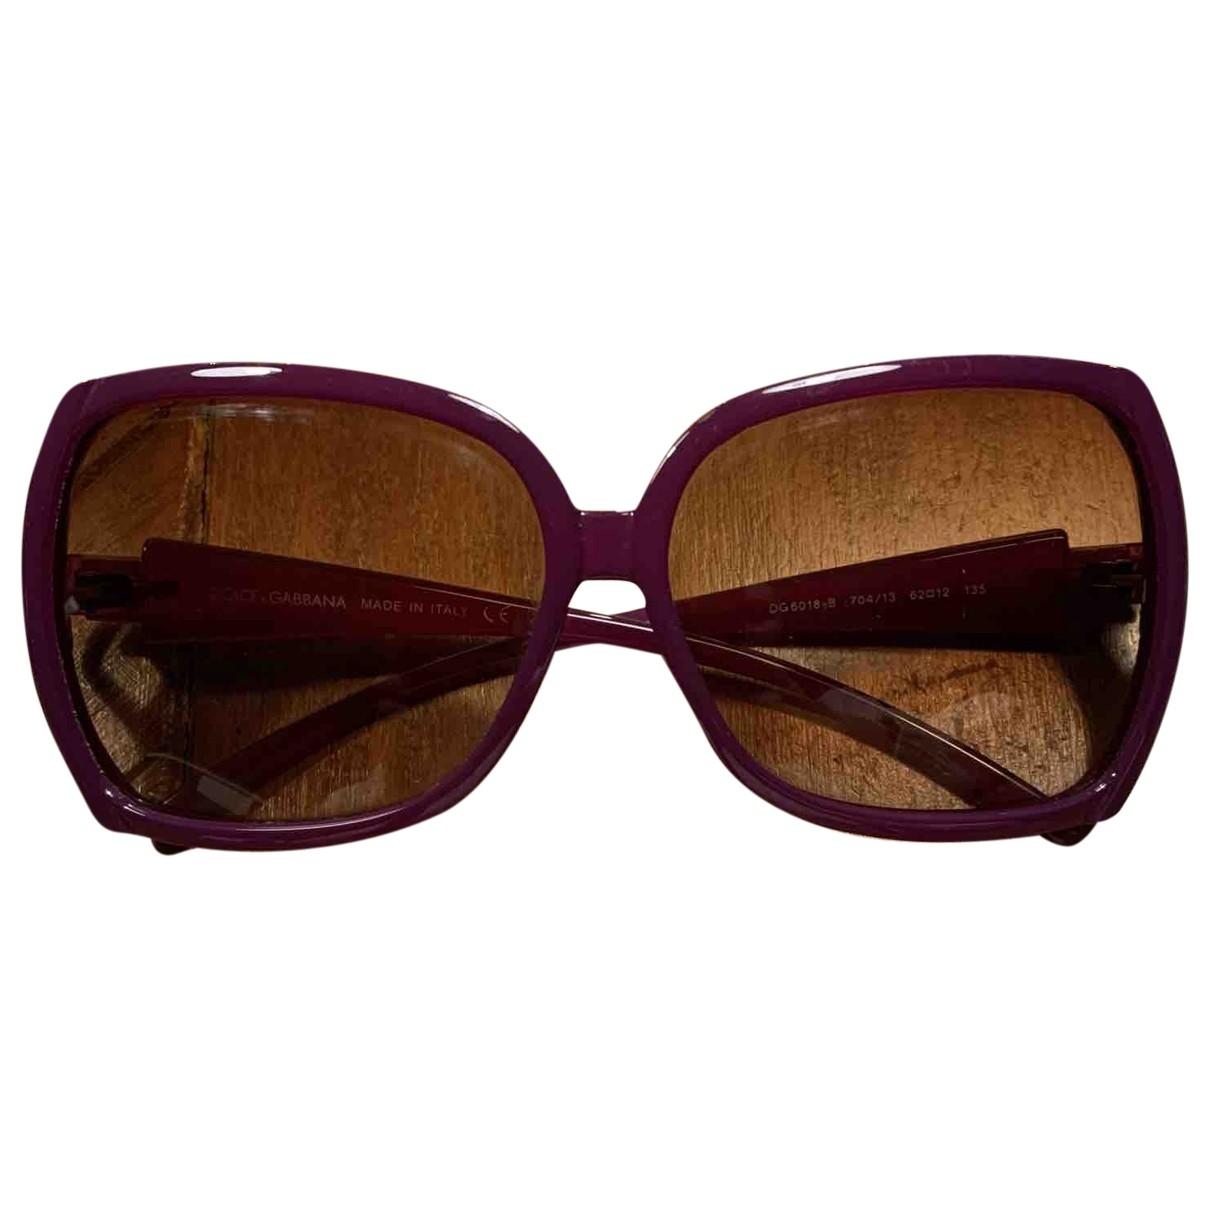 Dolce & Gabbana - Lunettes   pour femme - violet